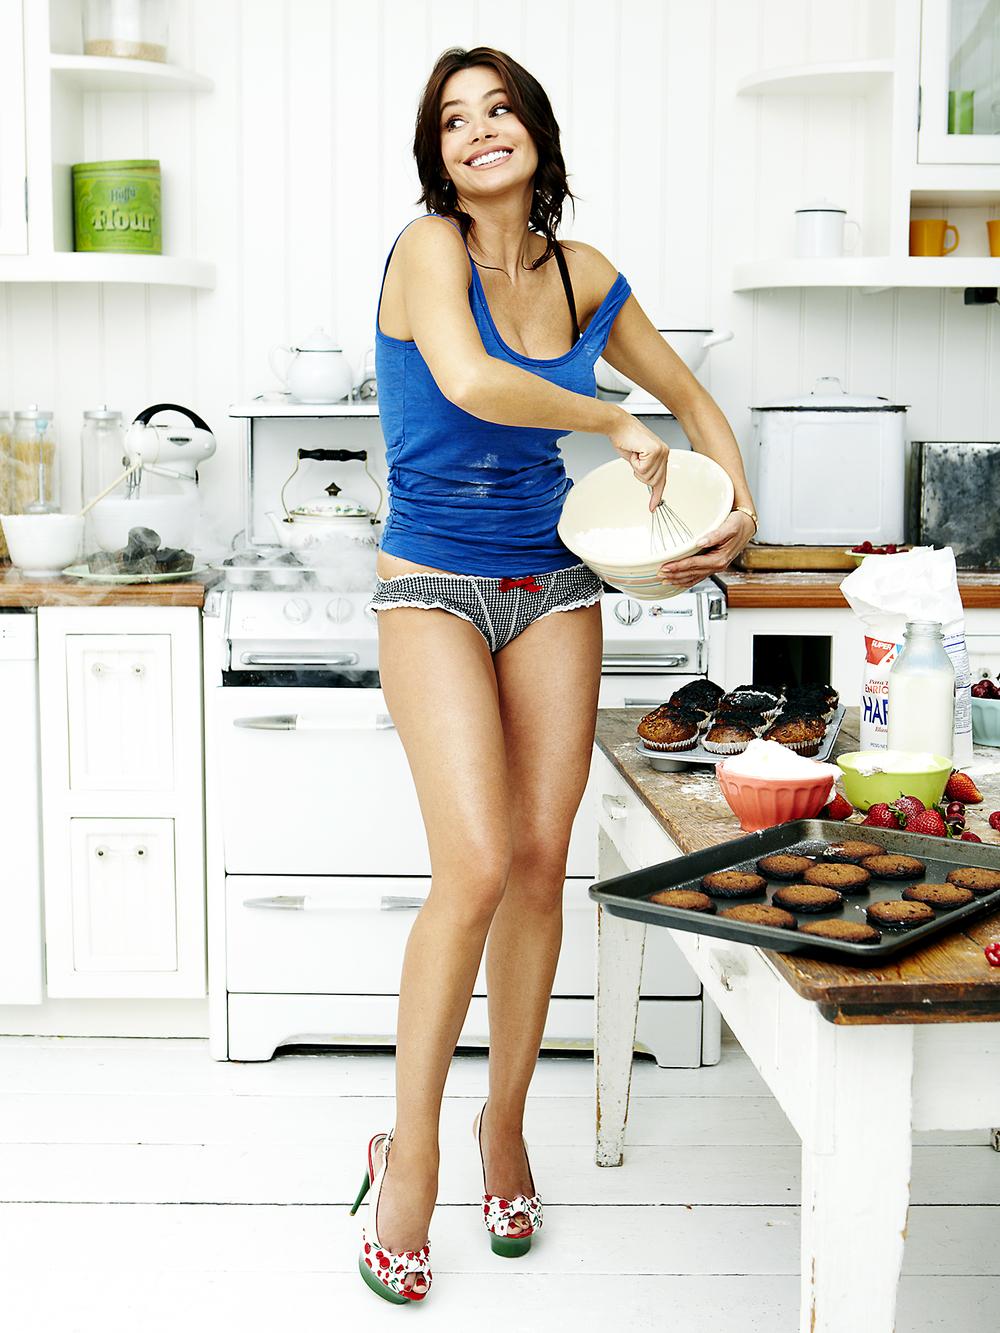 vergara_kitchen++.jpg